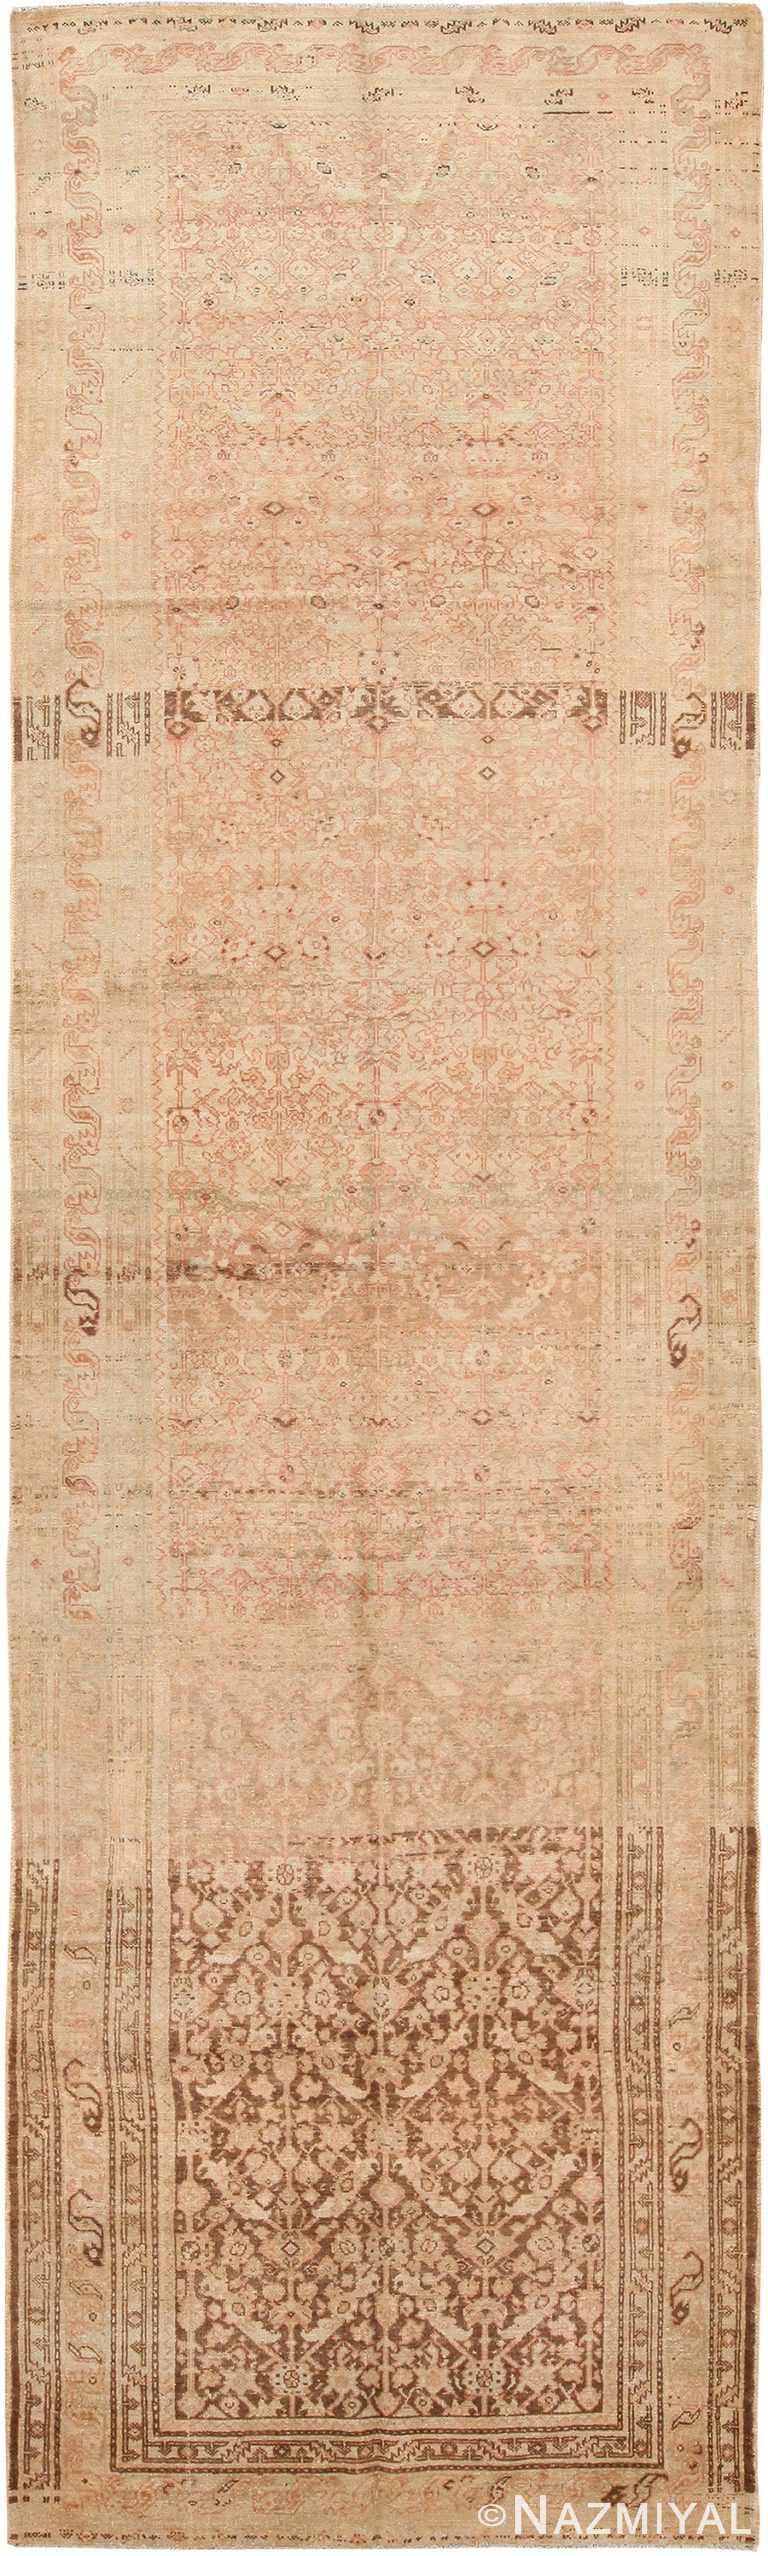 Antique Persian Malayer Runner Rug 48308 by Nazmiyal NYC